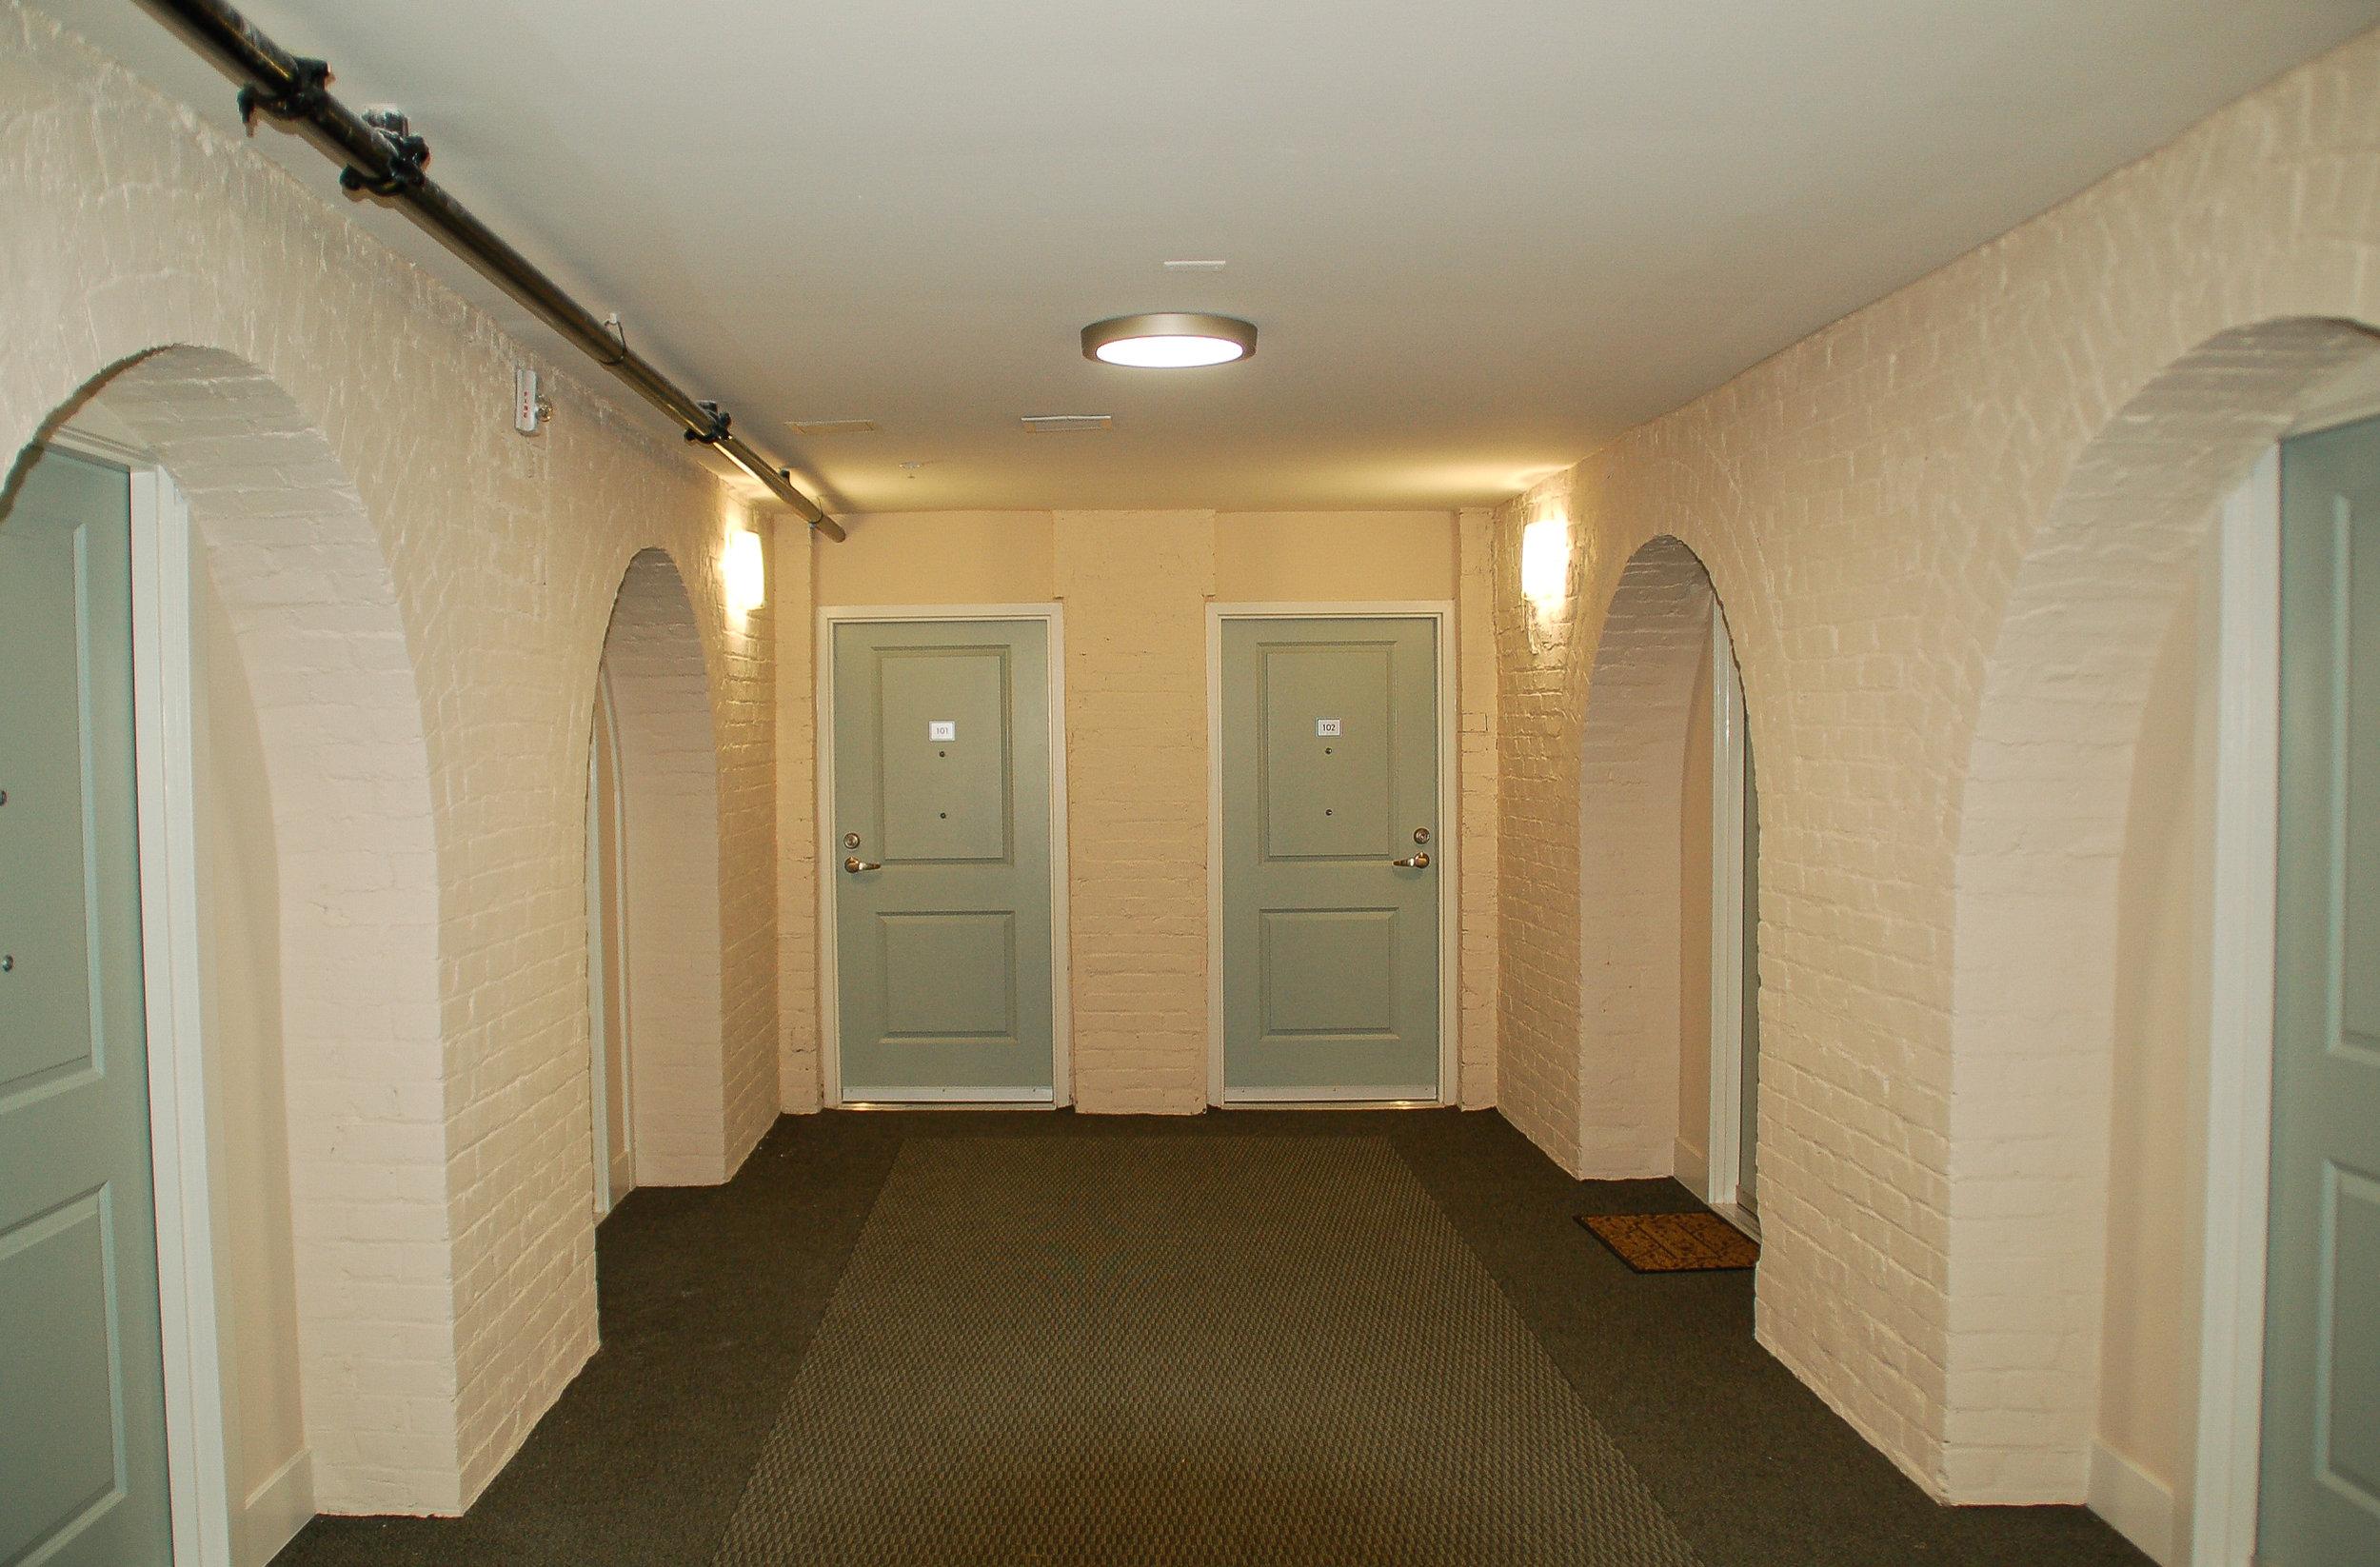 Brookland Park Plaza Apartments - Richmond, VAAffordable Senior HousingClient: Community Preservation Development CorporationBuilt: 1909Project Costs: $11.4 millionHTC equity: OVer $4.2 million